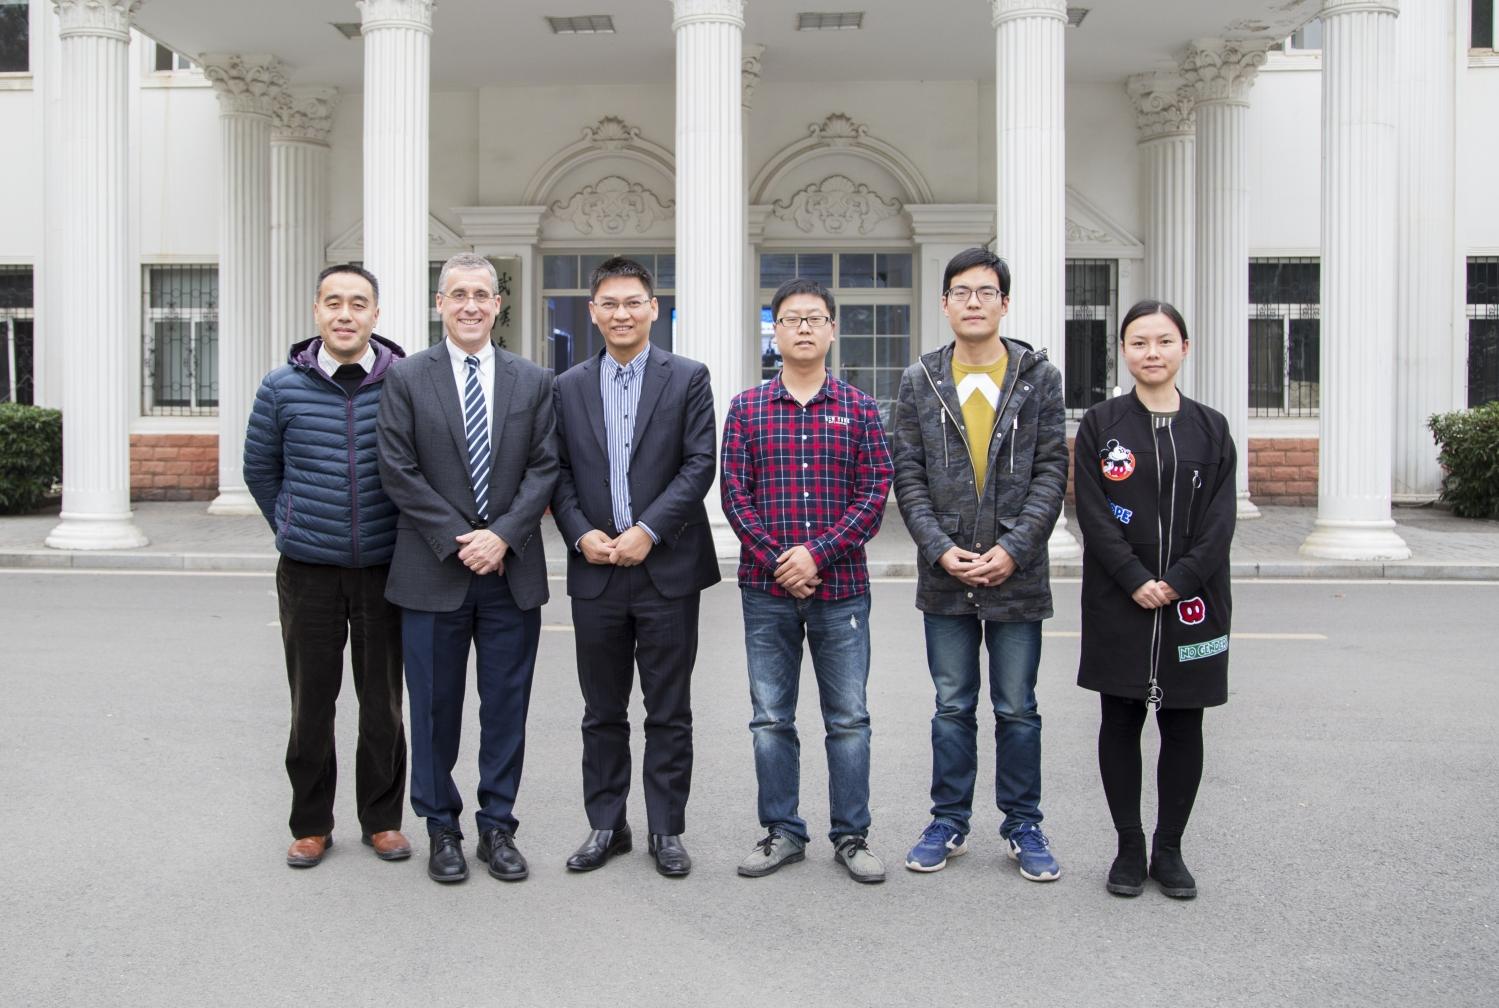 Zan Huang, David Cohen, Hongliang Li, Yan-Xiao Ji, Xiaozhan Wang and Xia Yang